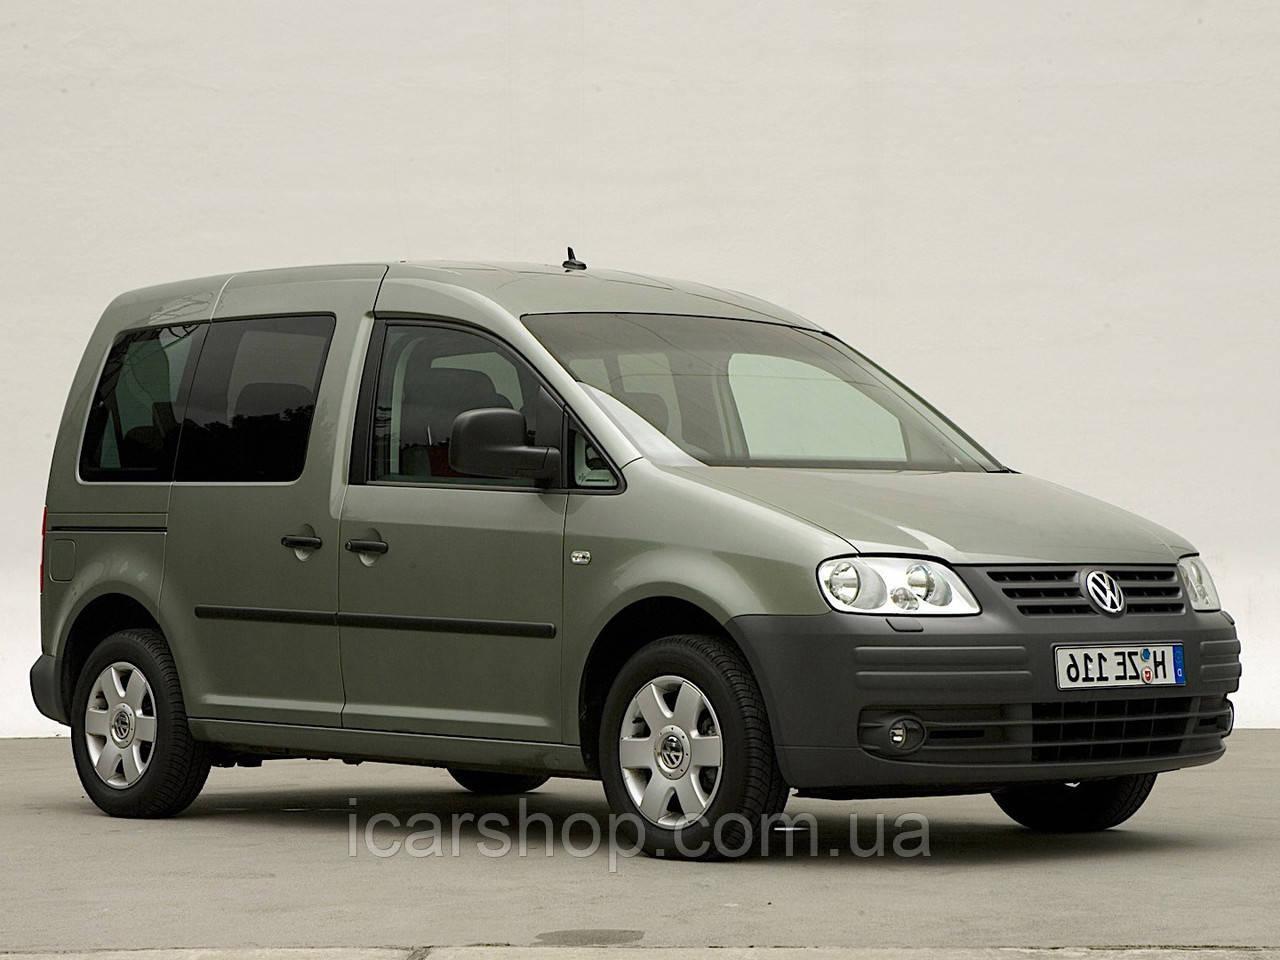 Скло VW. Caddy III 03- (Втоплені) переднє салону праве DG